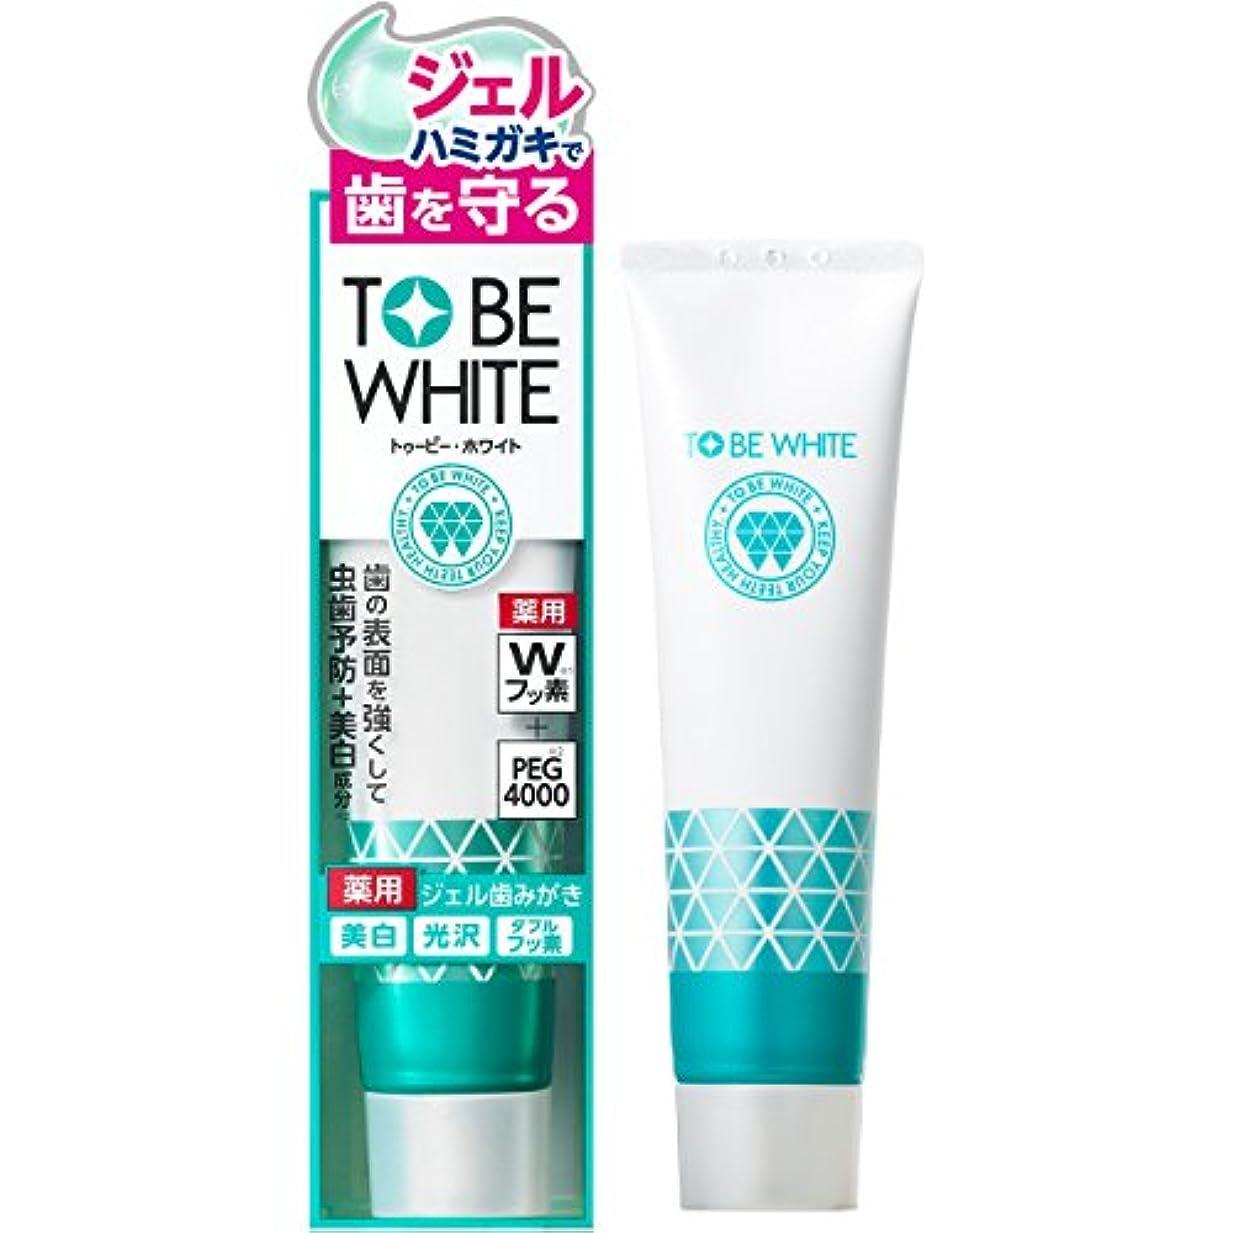 トゥービー?ホワイト 薬用 ホワイトニング ジェルハミガキ (電動歯ブラシ対応) 100g 【医薬部外品】